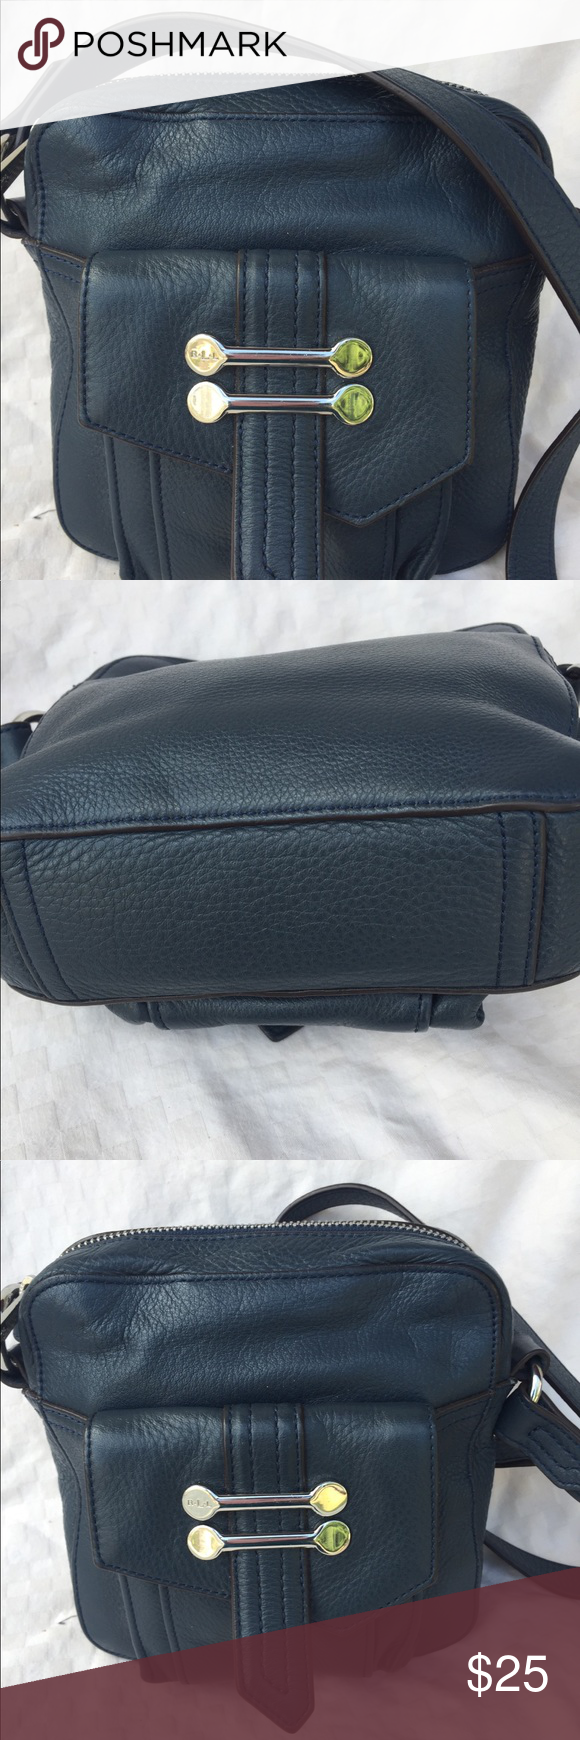 3e28a4a1b6 Lauren Ralph Lauren Crossbody bag blue Lauren Ralph Lauren blue leather bag.  Can be worn